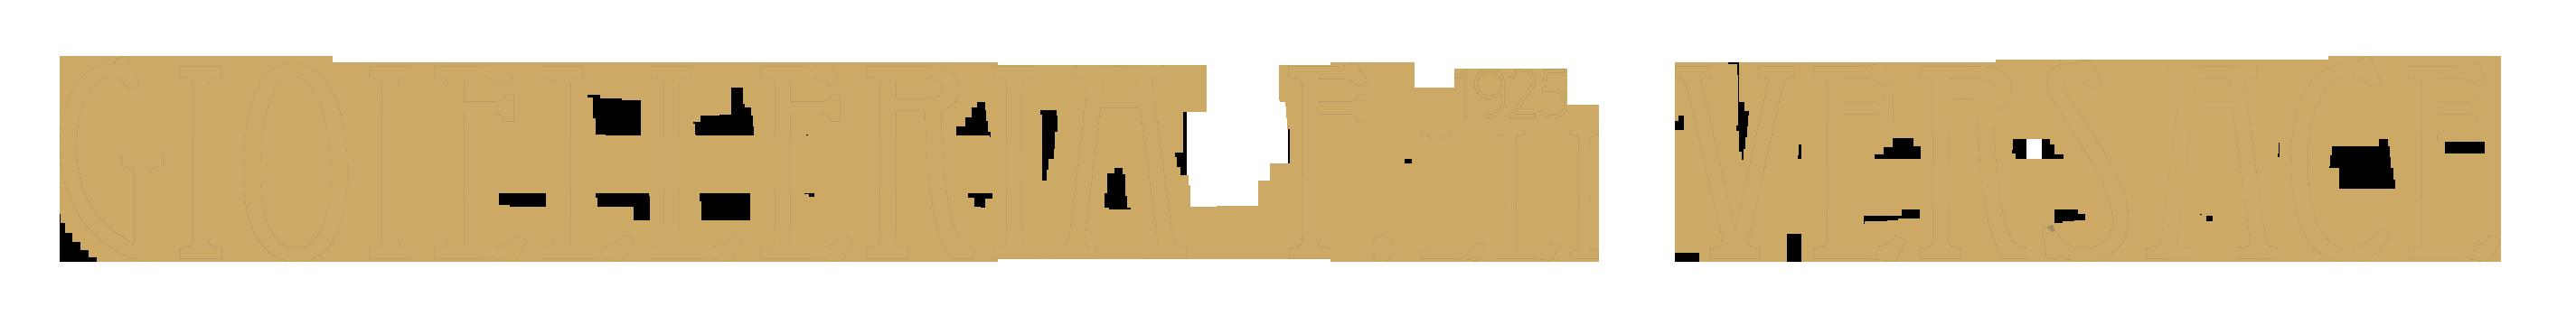 Gioielleria Fratelli Versace